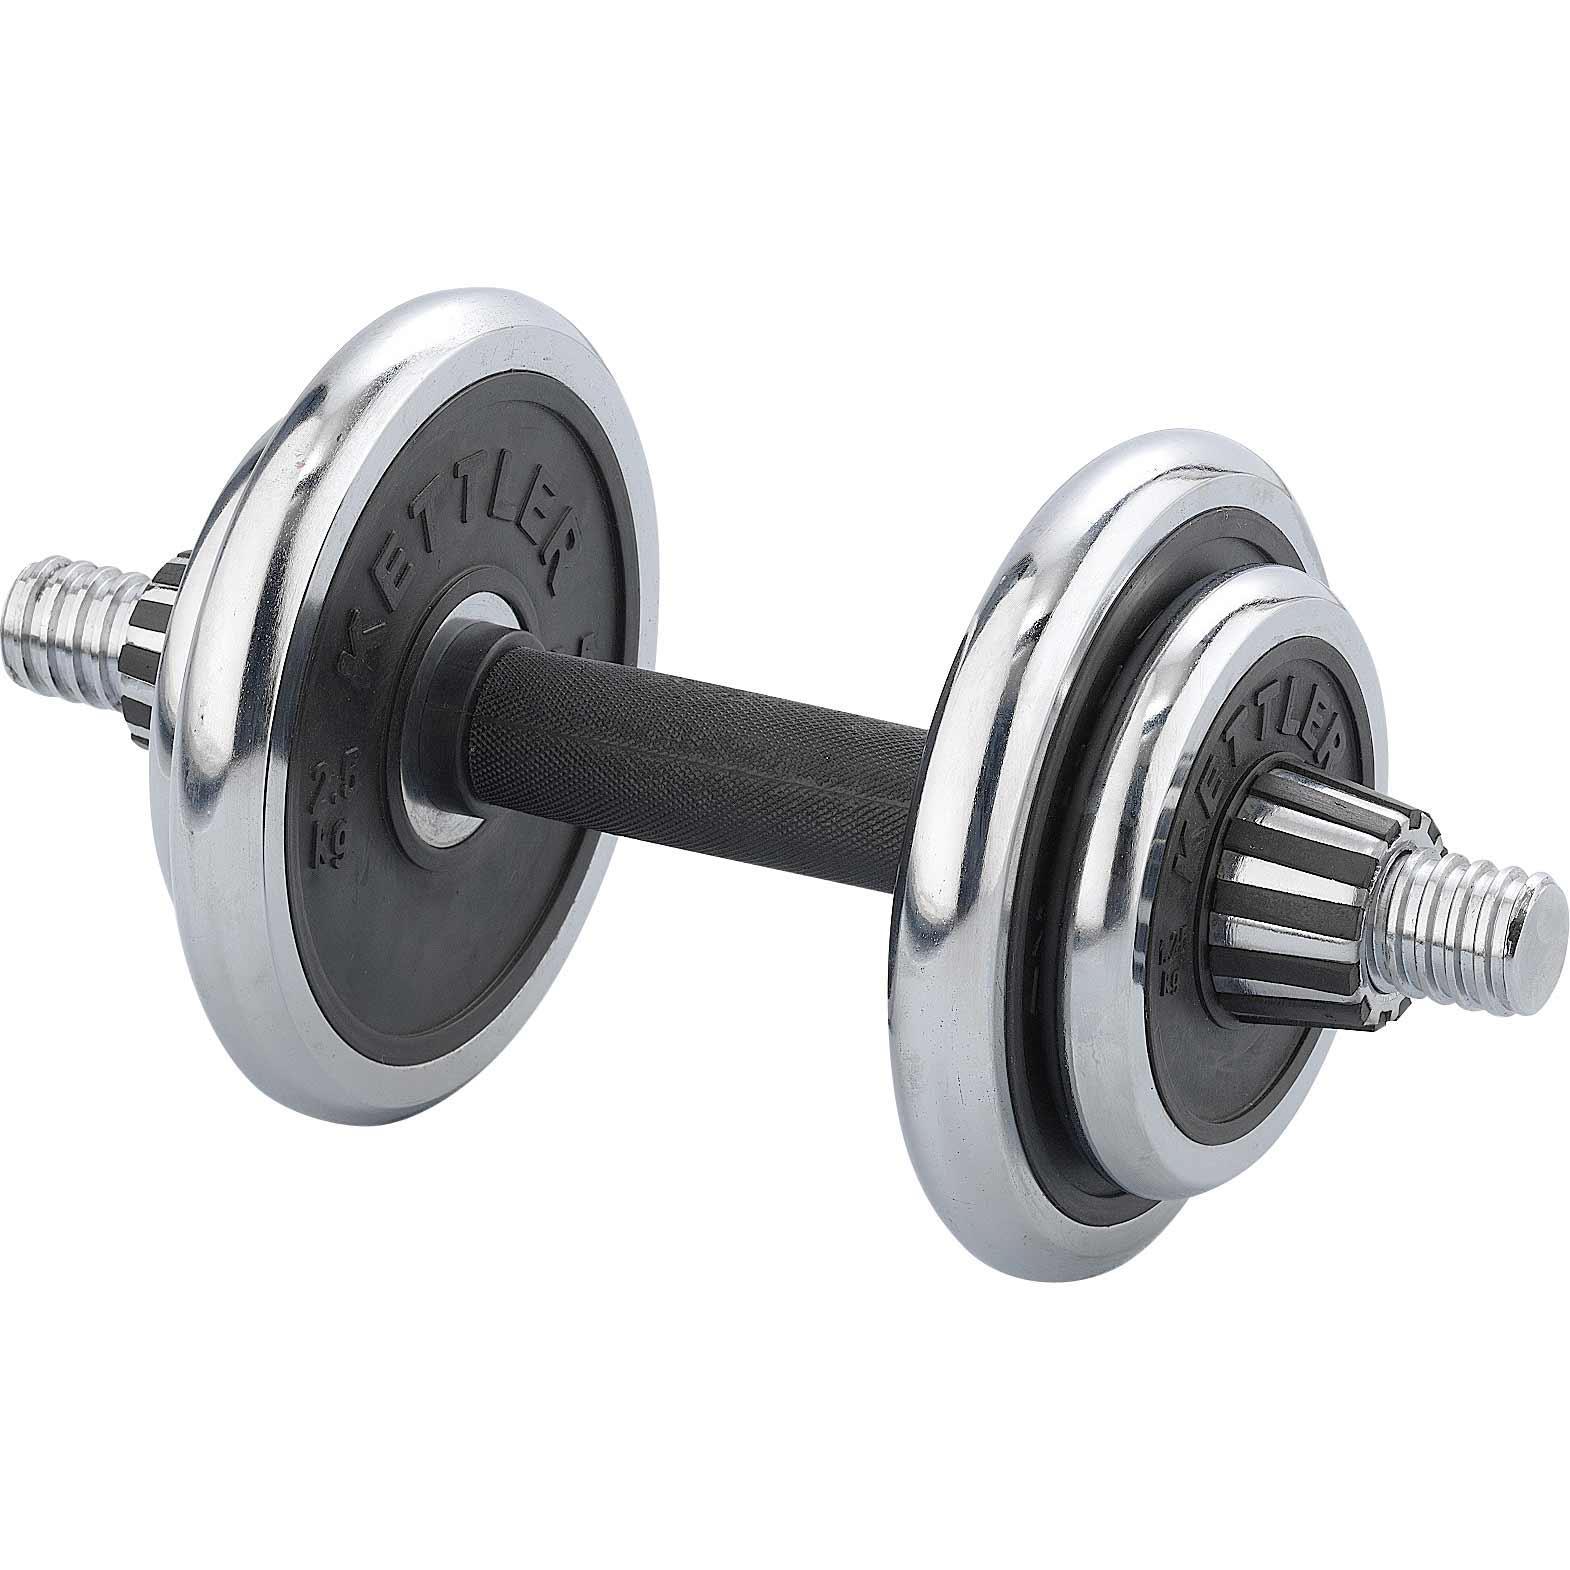 Halt res - Vente poids musculation ...